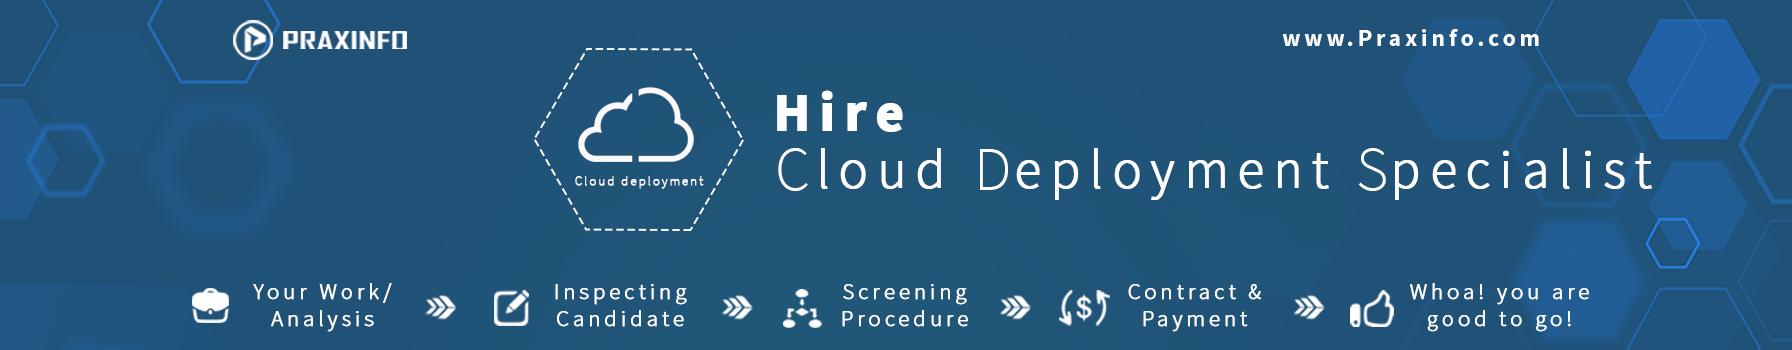 hire-cloud-deployment-spacialist.png